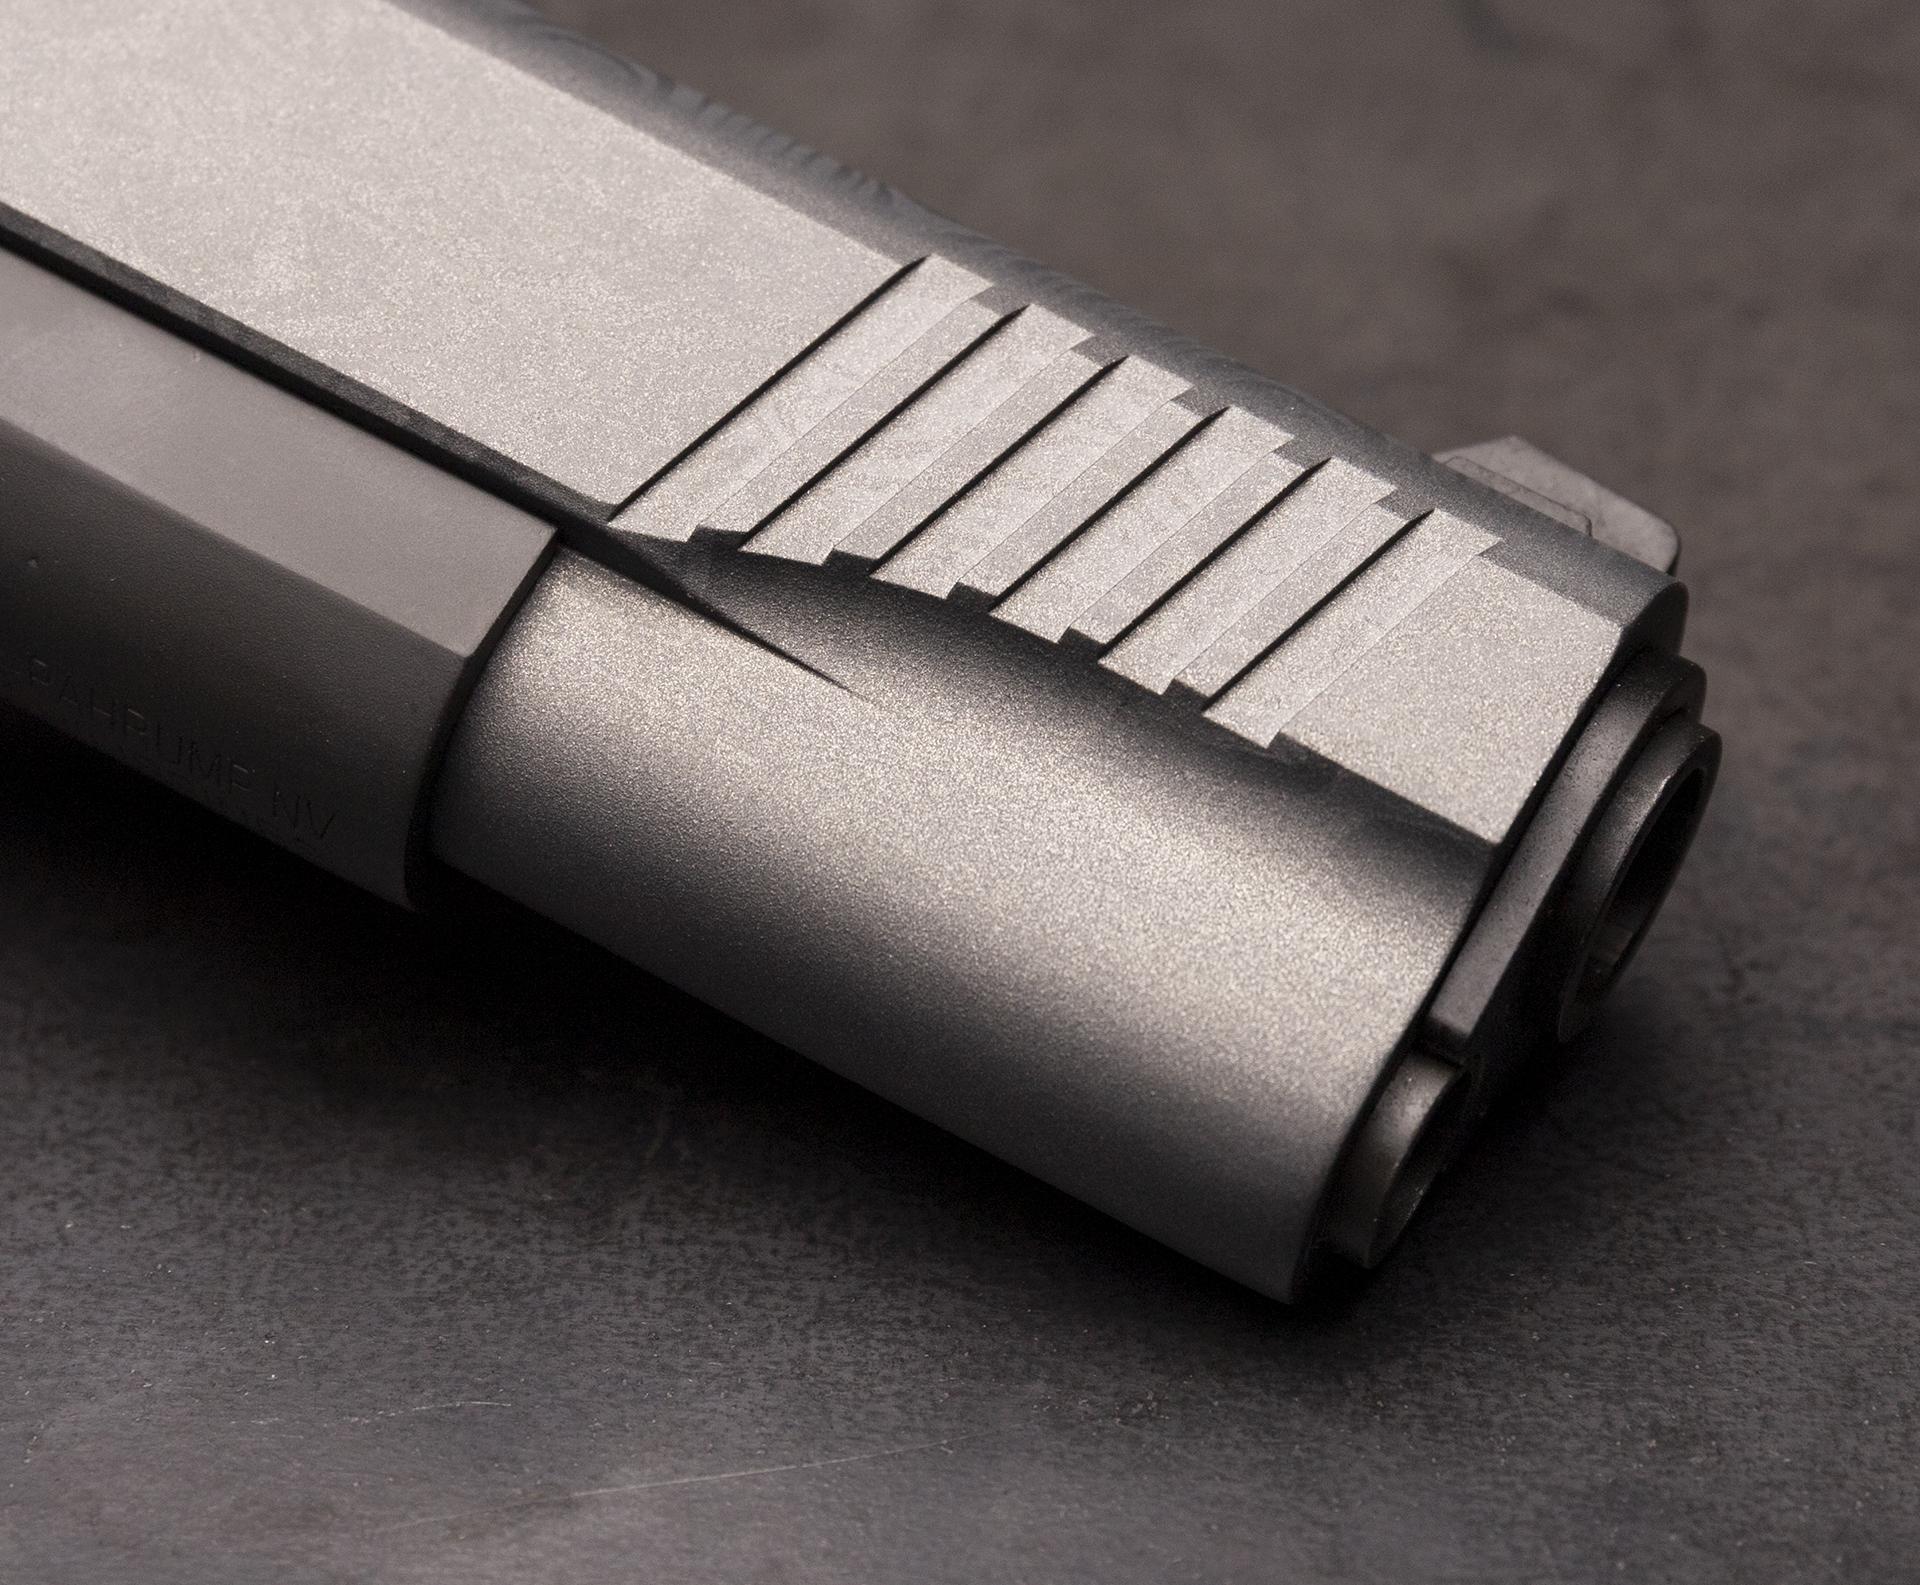 madagascar forward slide serration